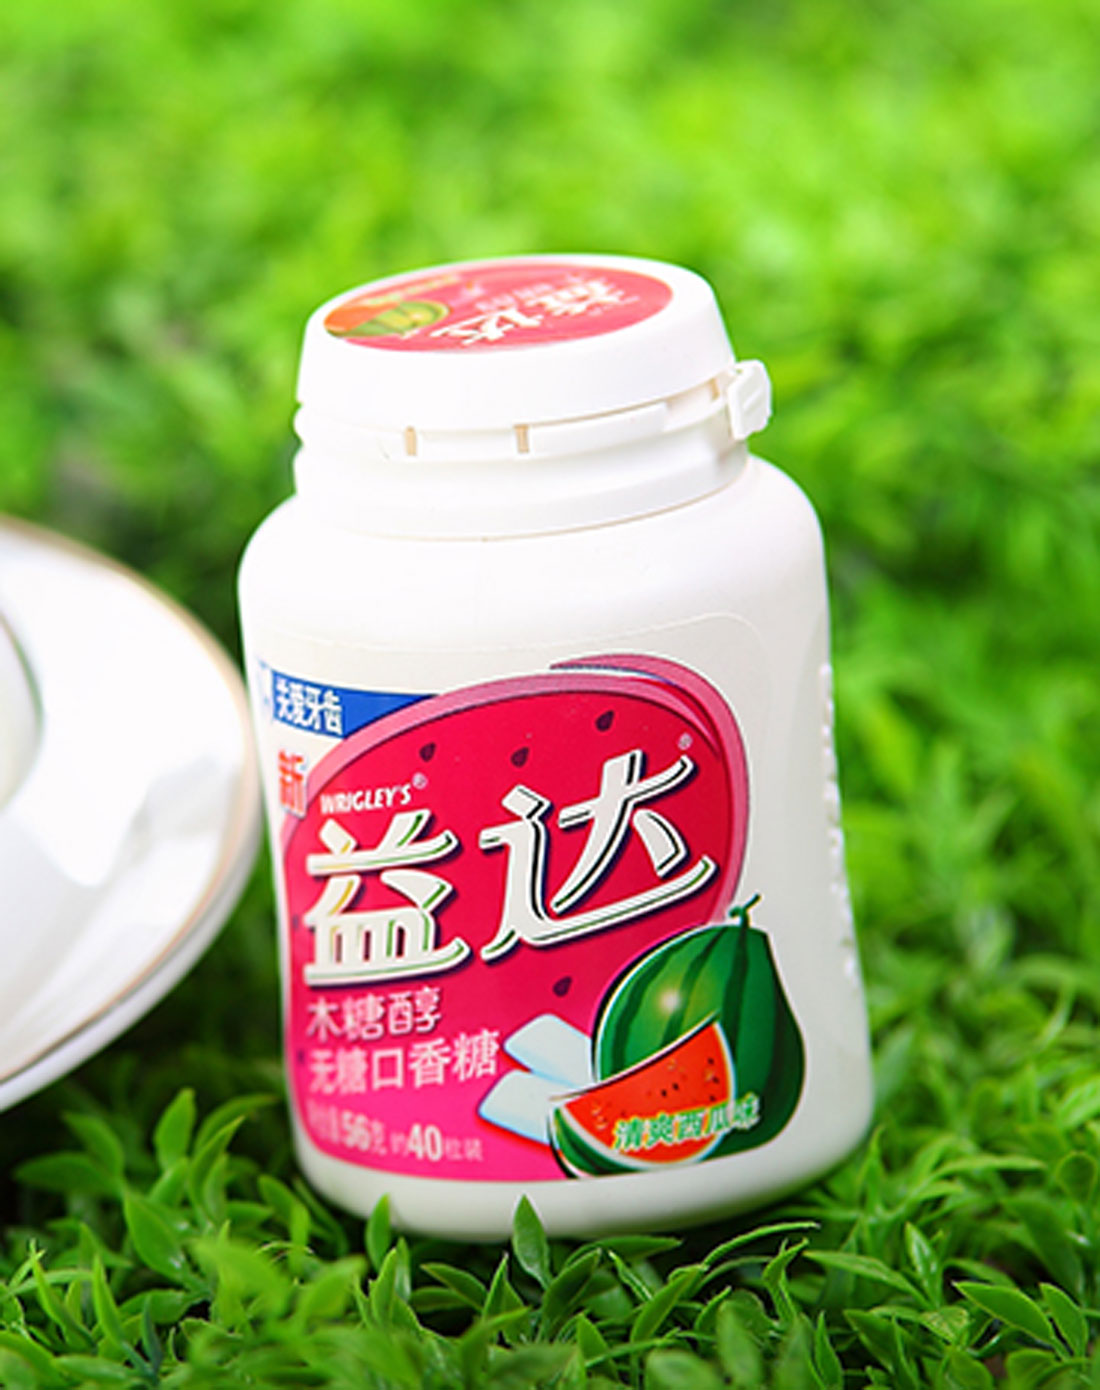 益达 木糖醇无糖口香糖 西瓜味 56g 零食天地特价